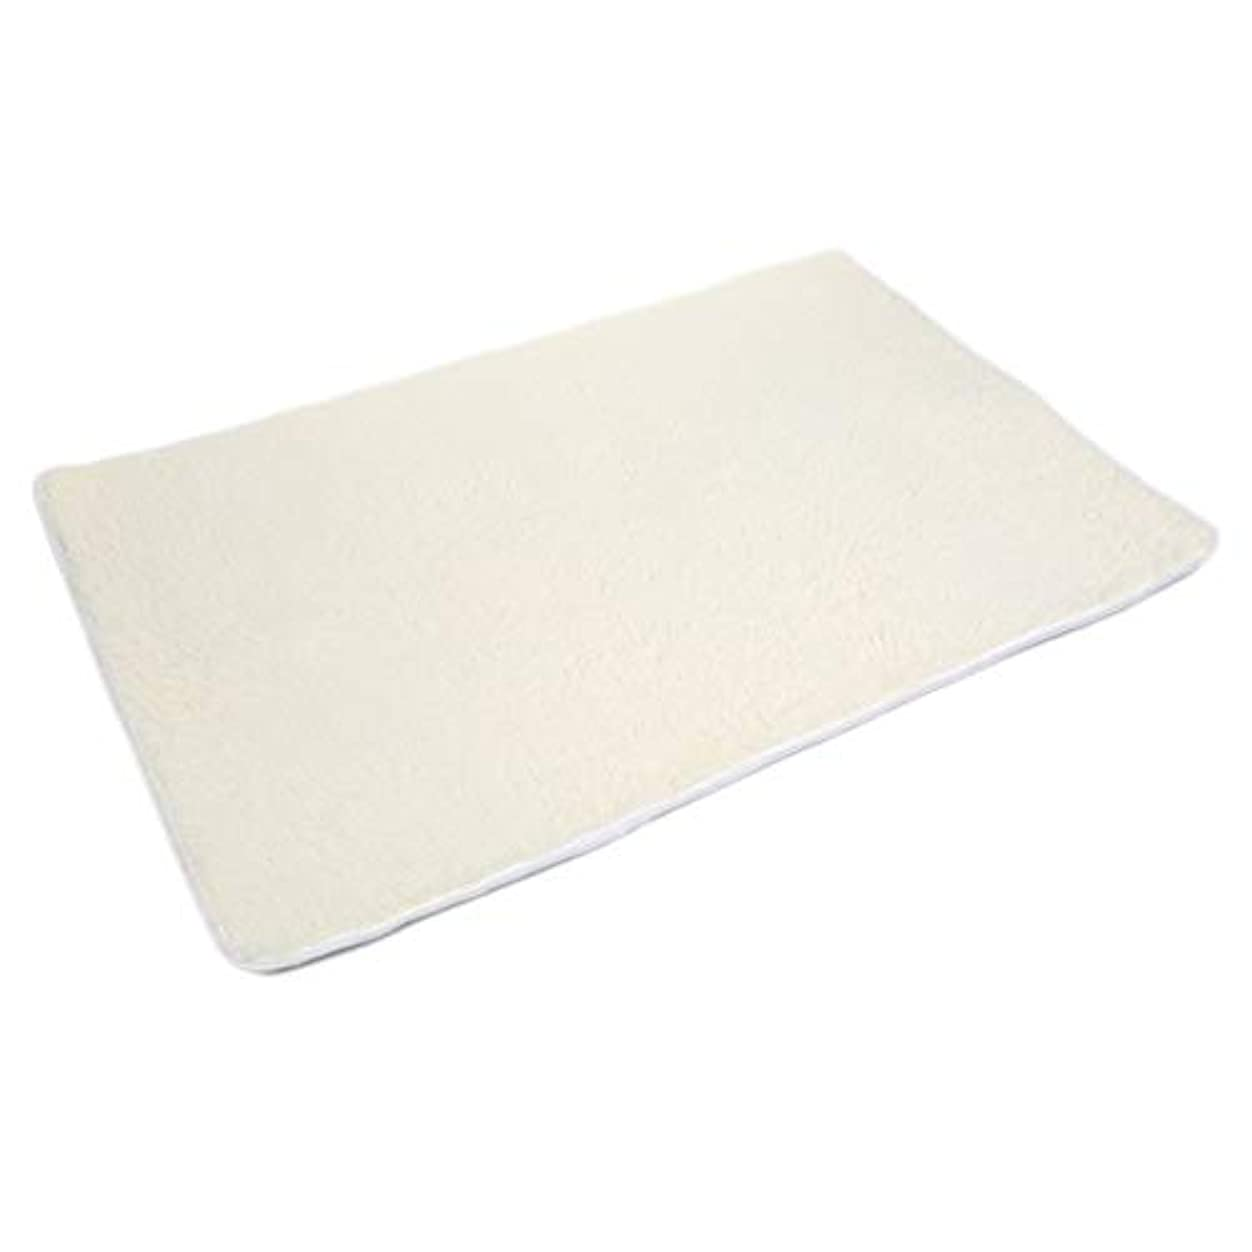 振幅逆さまに壁紙Saikogoods ポリエステル繊維ハウスリビングルームカーペットアンチスキッドシャギーラグマットフロアマット環境に優しい染料簡単にきれいにします ベージュイエロー